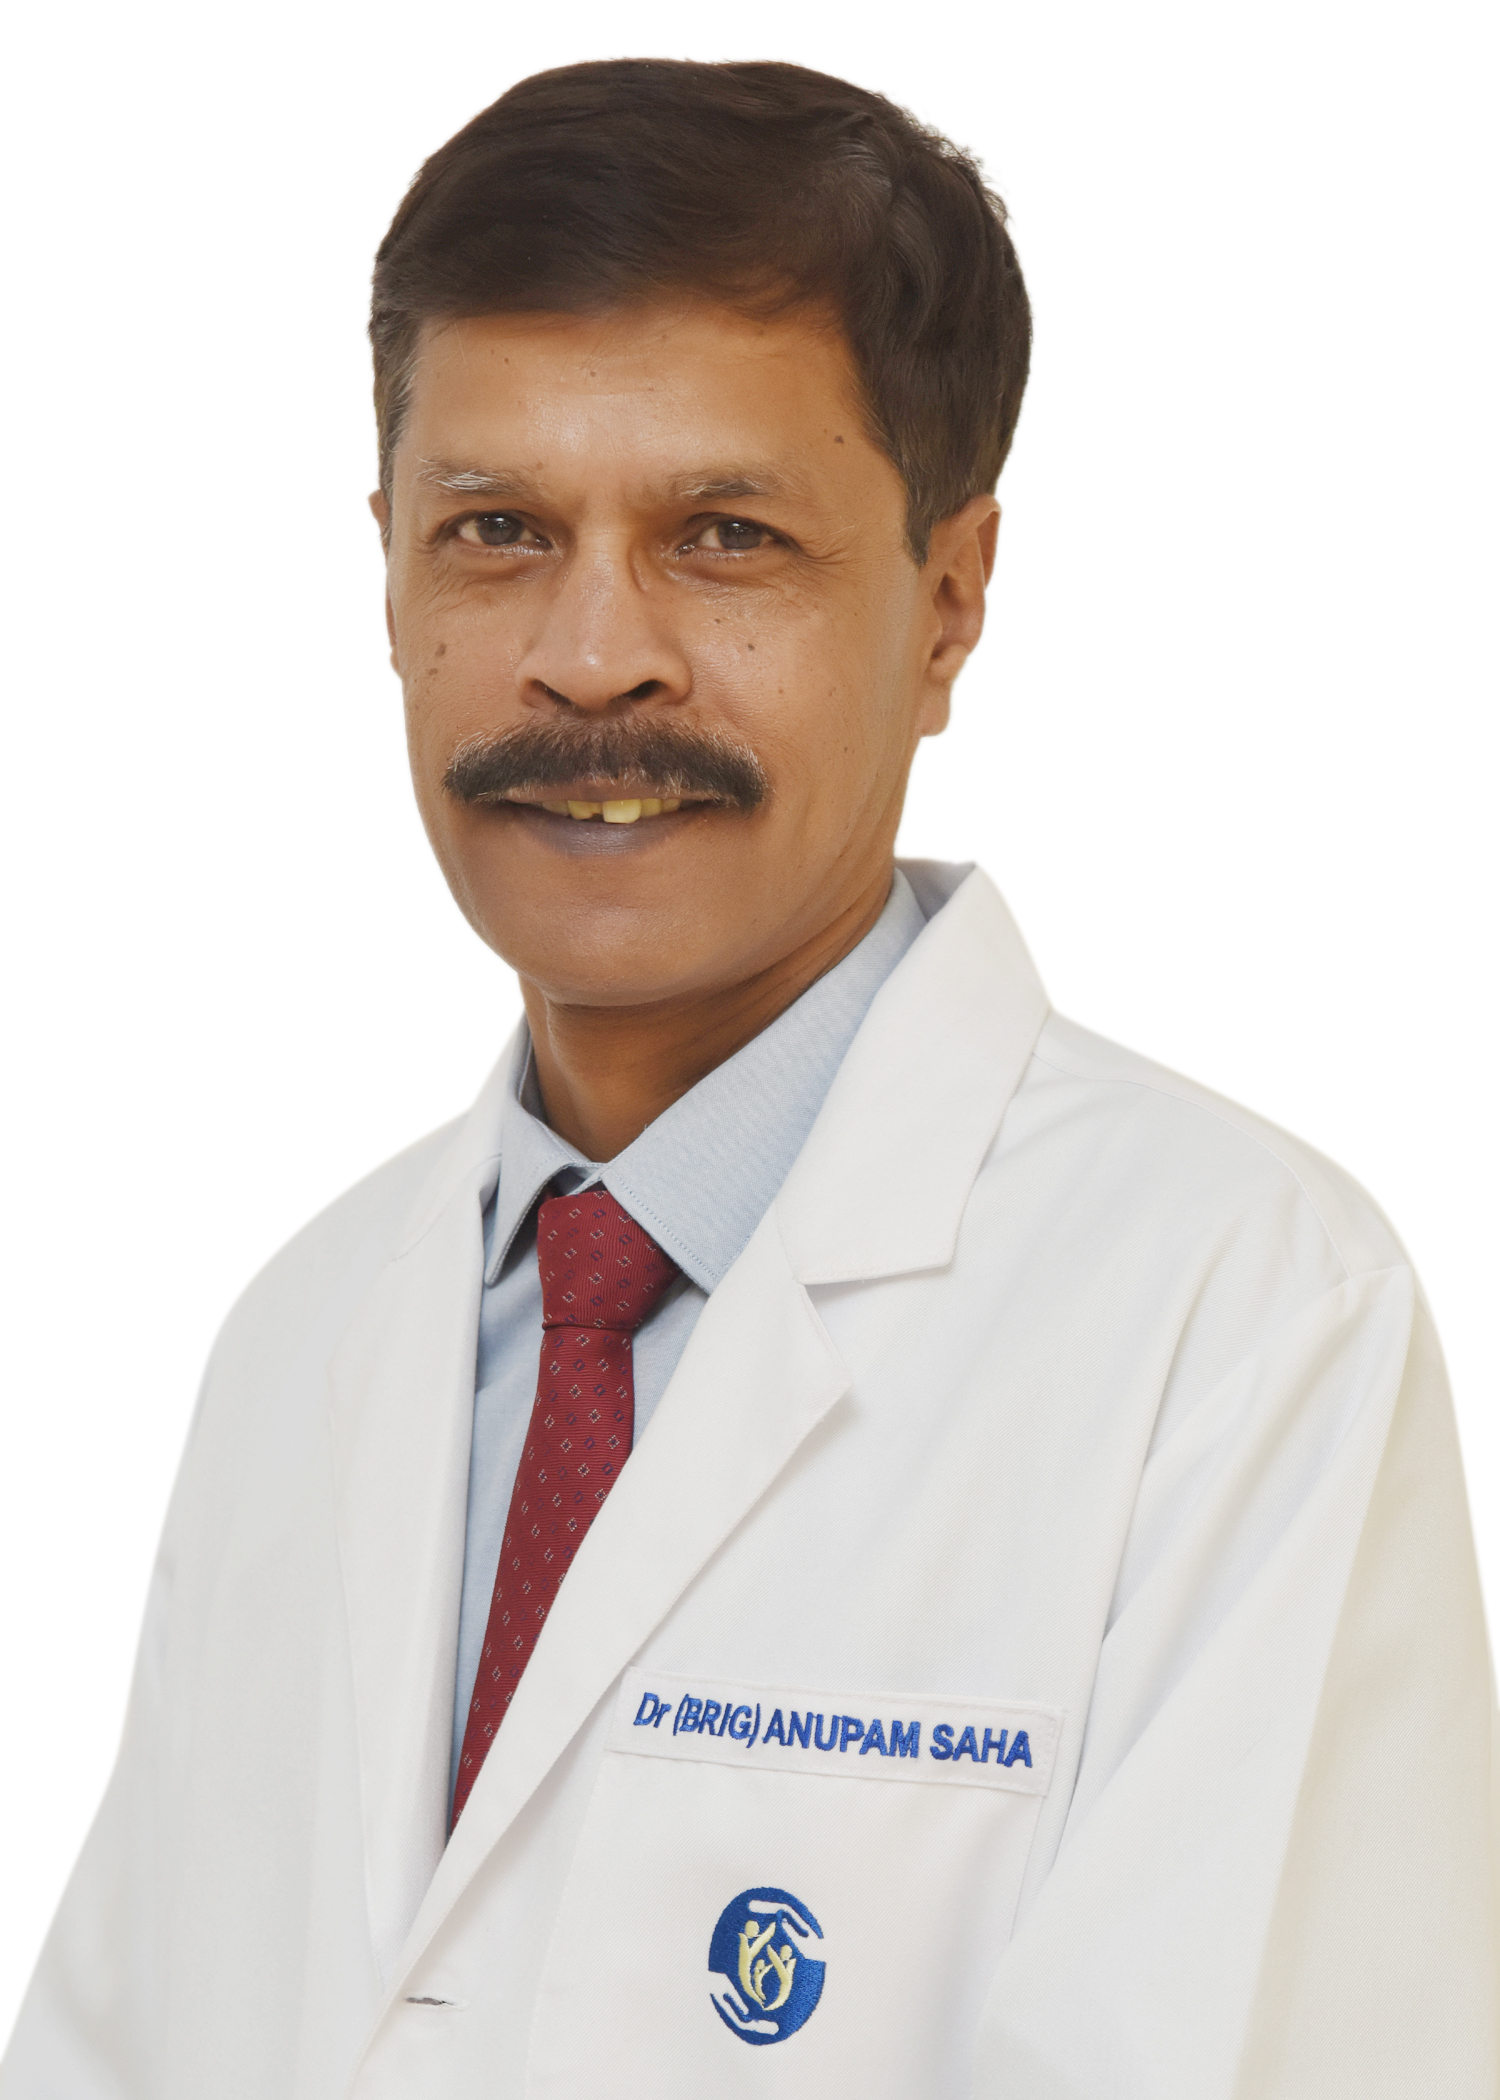 Dr Anupam Saha